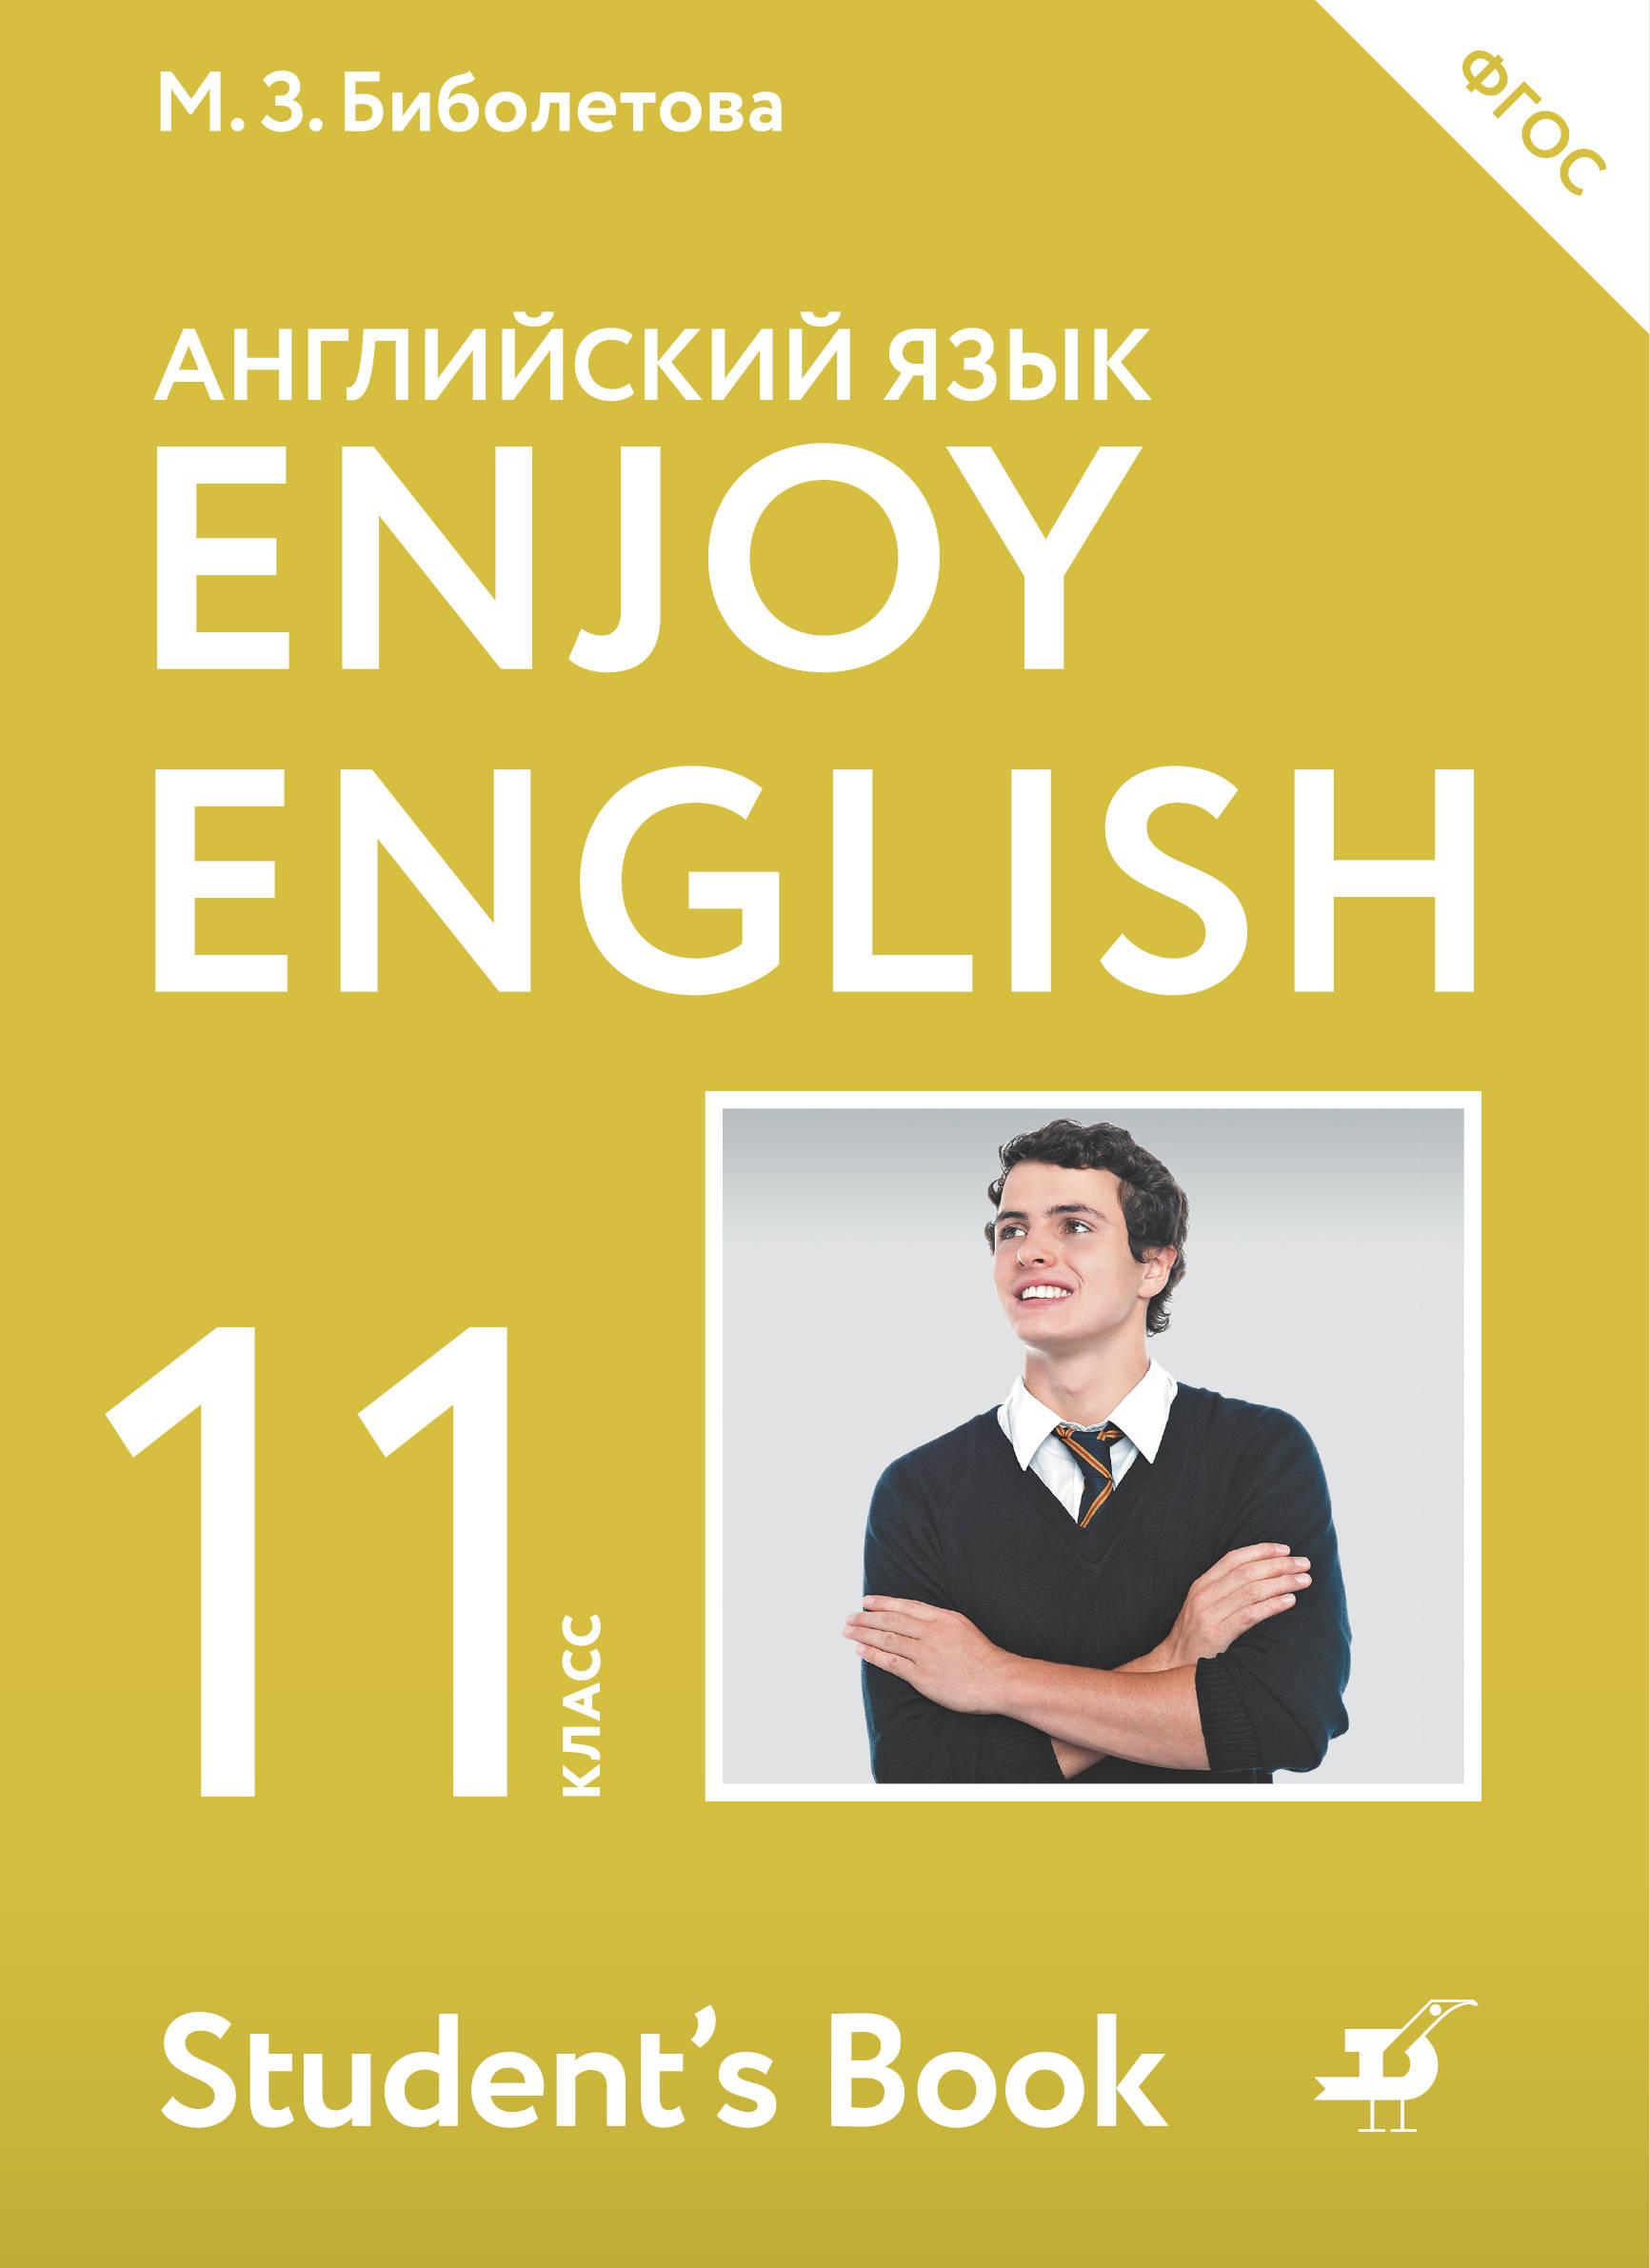 М. З. Биболетова, Е. Е. Бабушис, Н. Д. Снежко Enjoy English / Английский с удовольствием. Базовый уровень. 11 класс м з биболетова е е бабушис н д снежко enjoy english 10 student s book английский язык 10 класс базовый уровень учебник